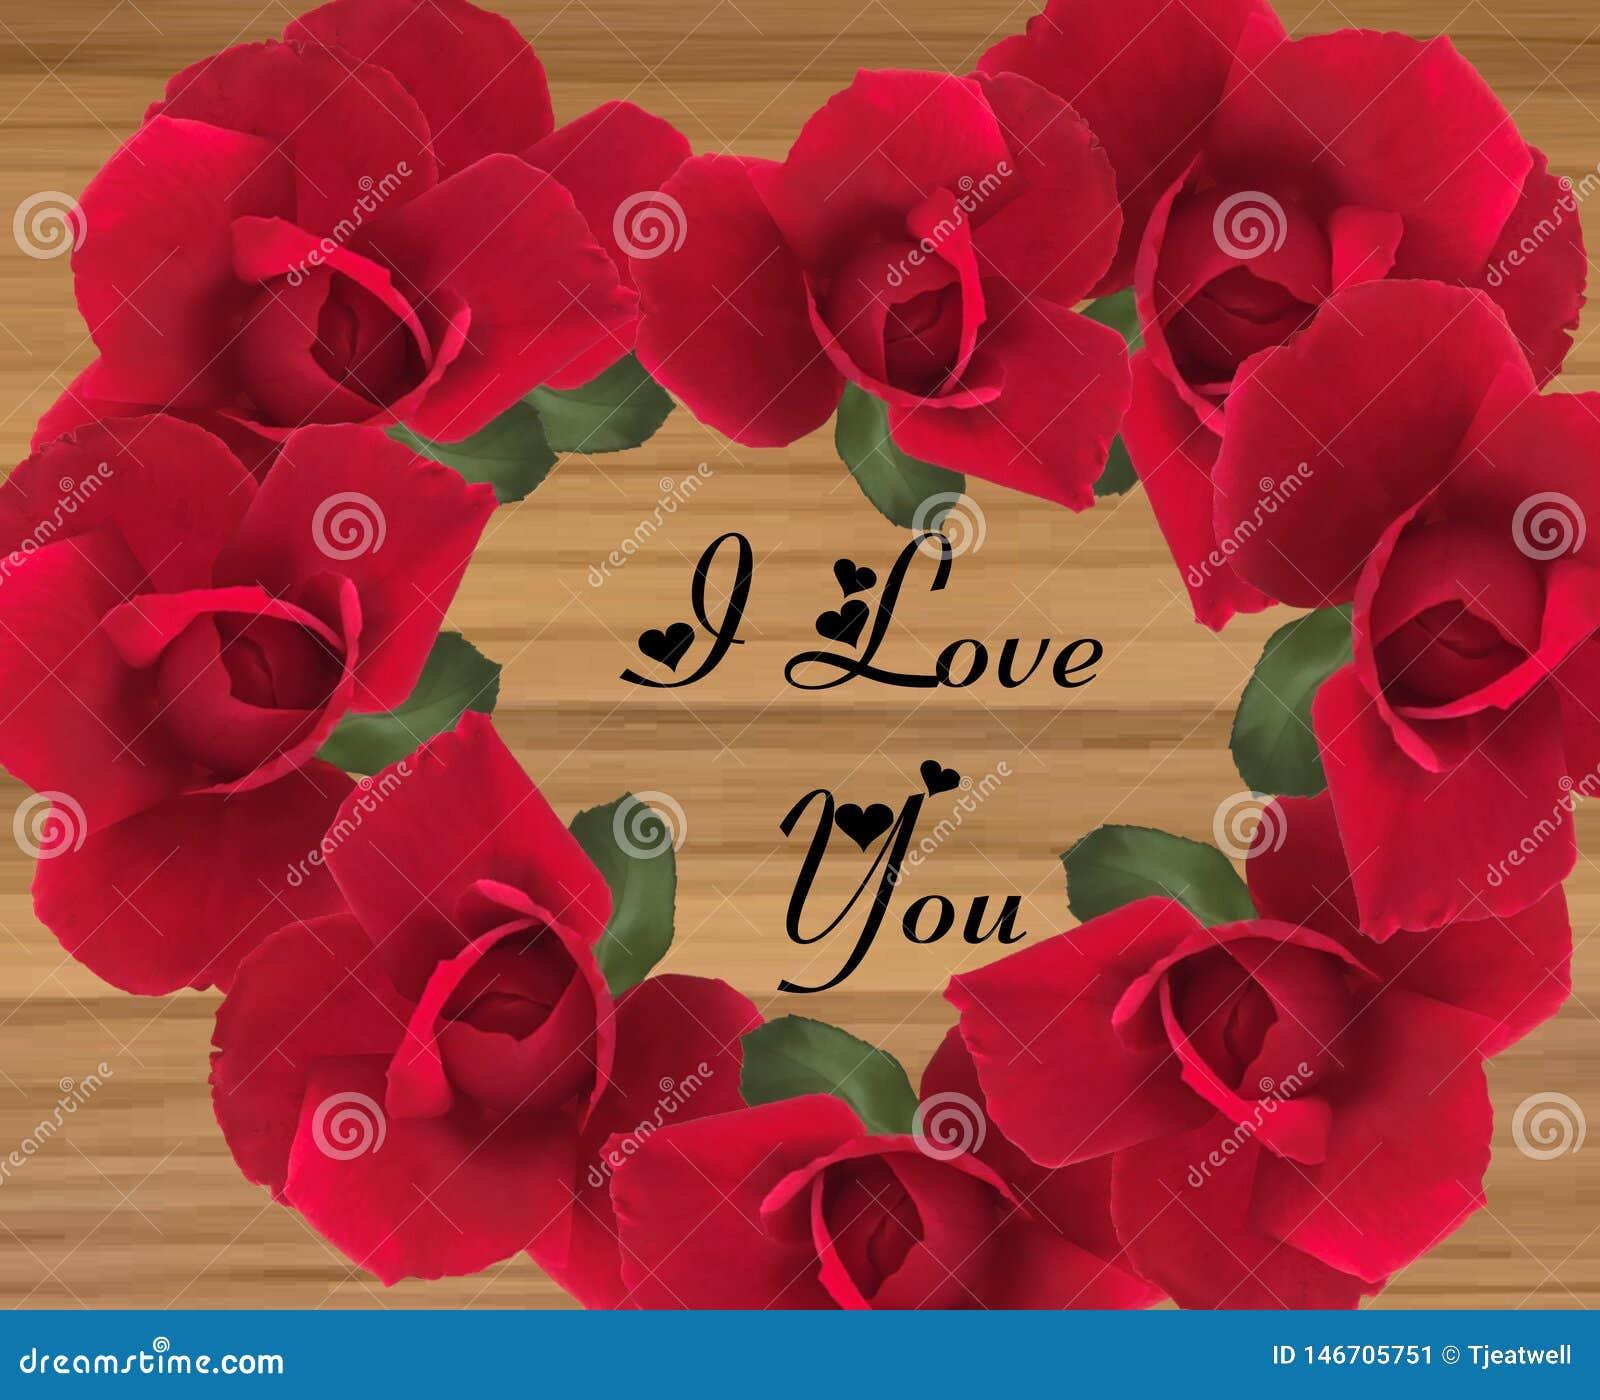 Διαμορφωμένο καρδιά μήνυμα αγάπης σε ένα ξύλινο υπόβαθρο